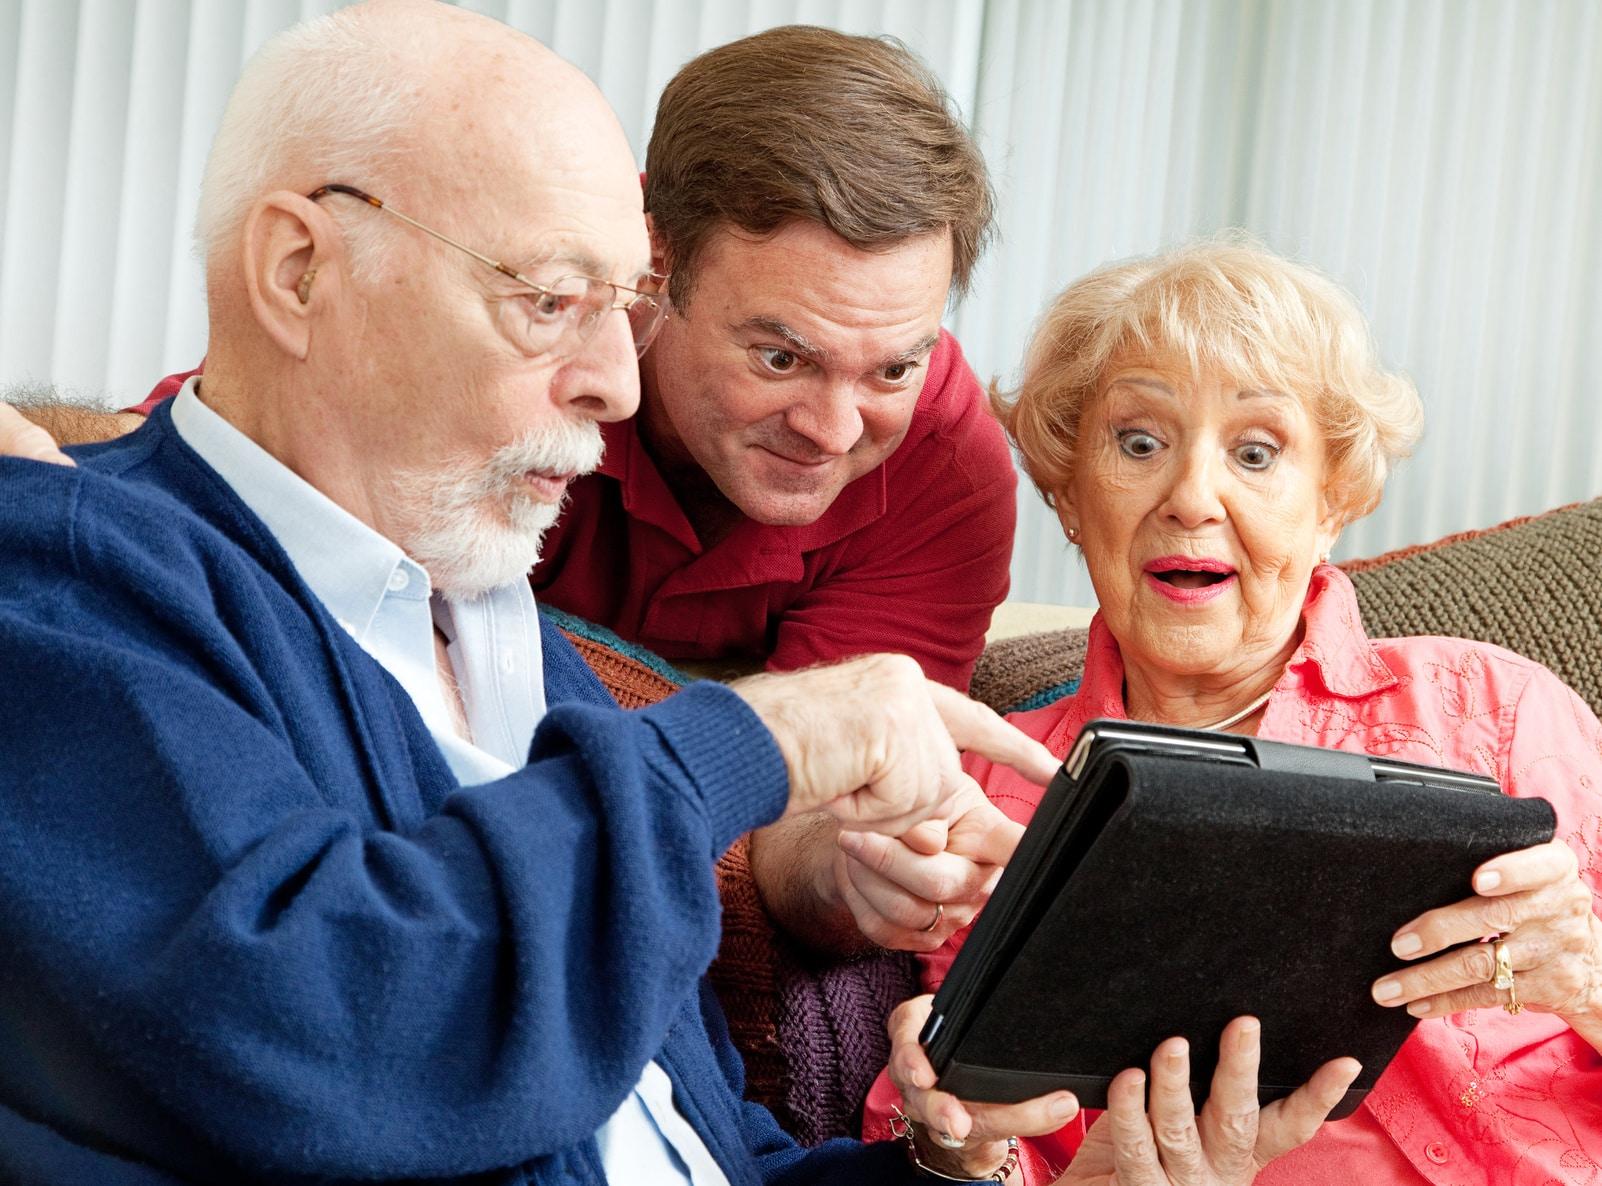 Wirtualna przychodnia to wygodny dostęp do lekarza